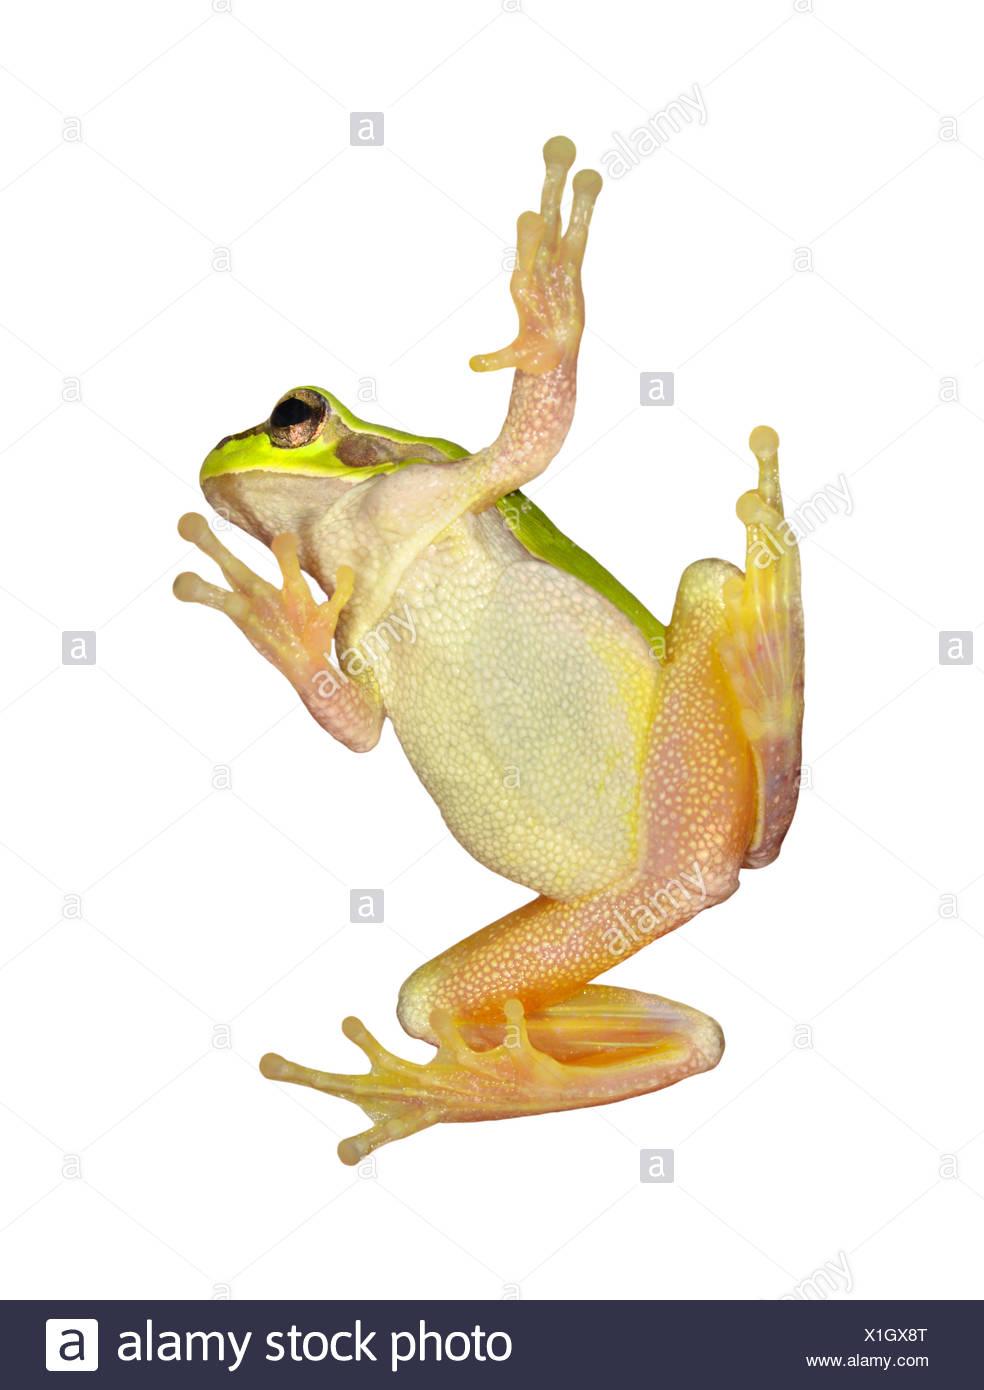 European Tree Frog - Hyla arborea Stock Photo